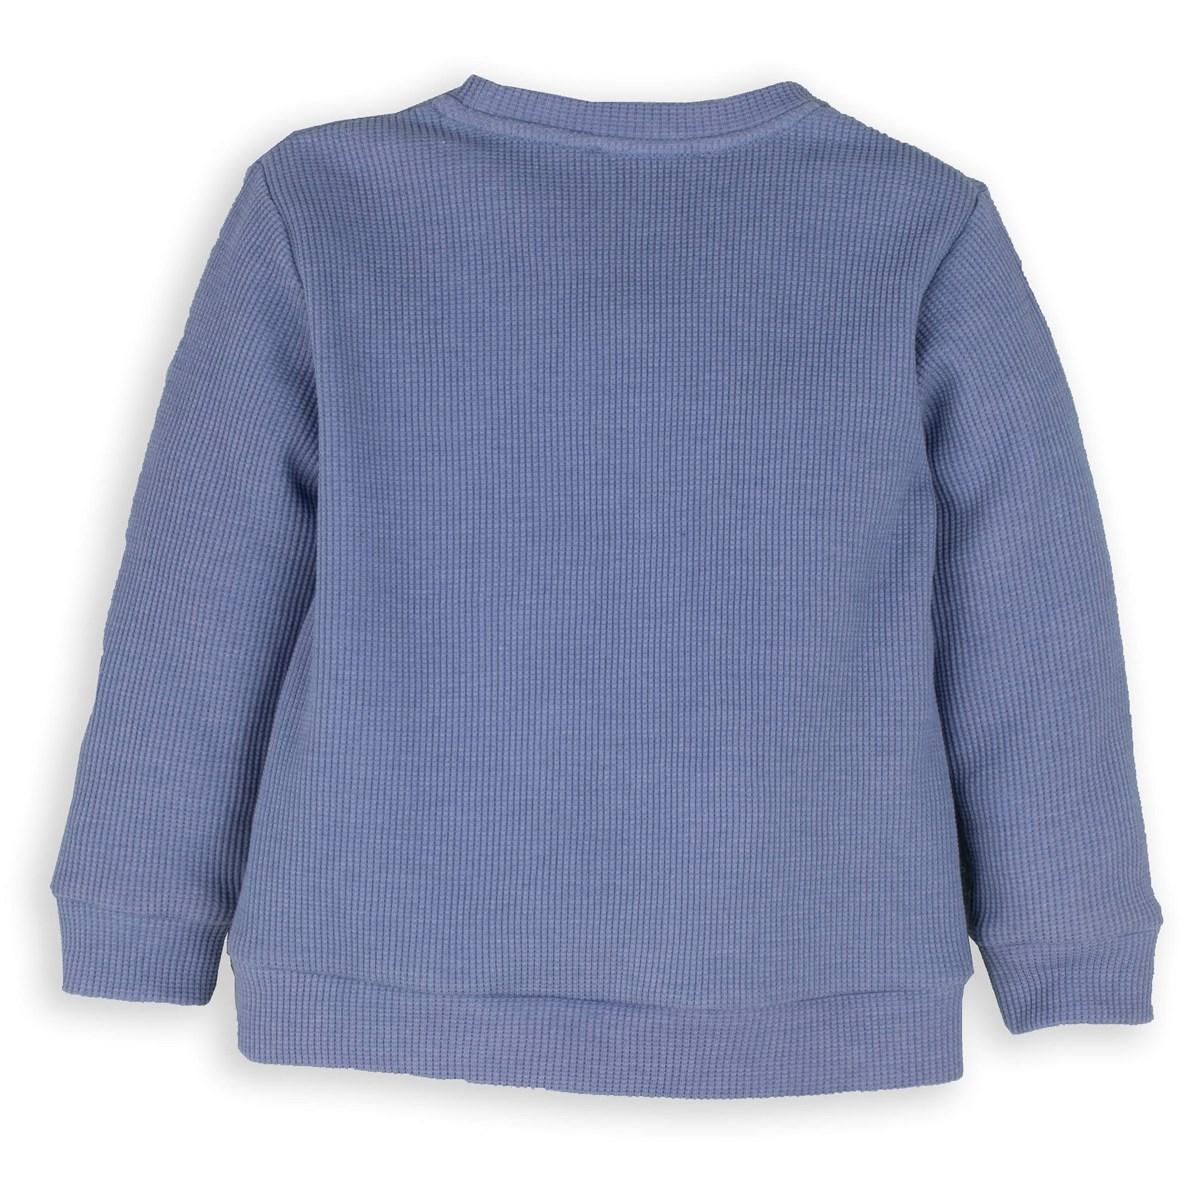 13915 Sweatshirt 2